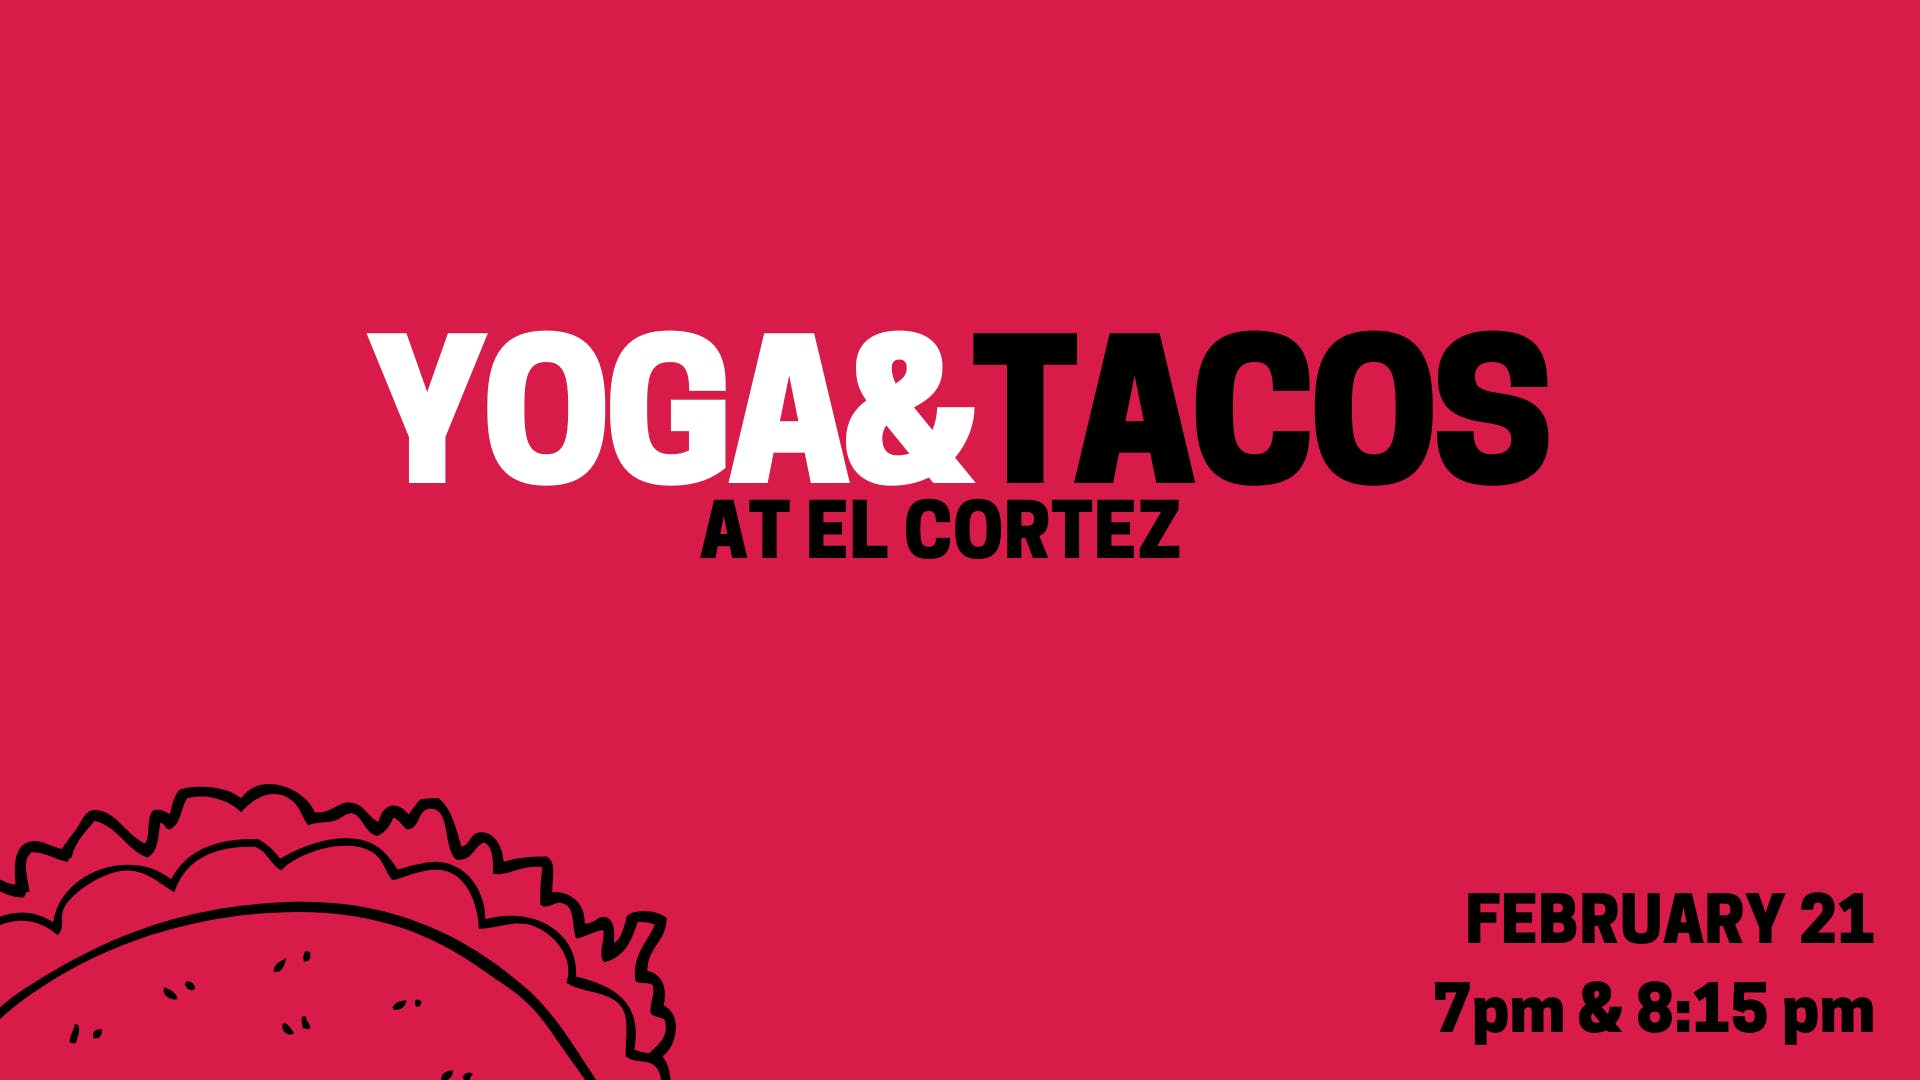 YOGA & TACOS at El Cortez